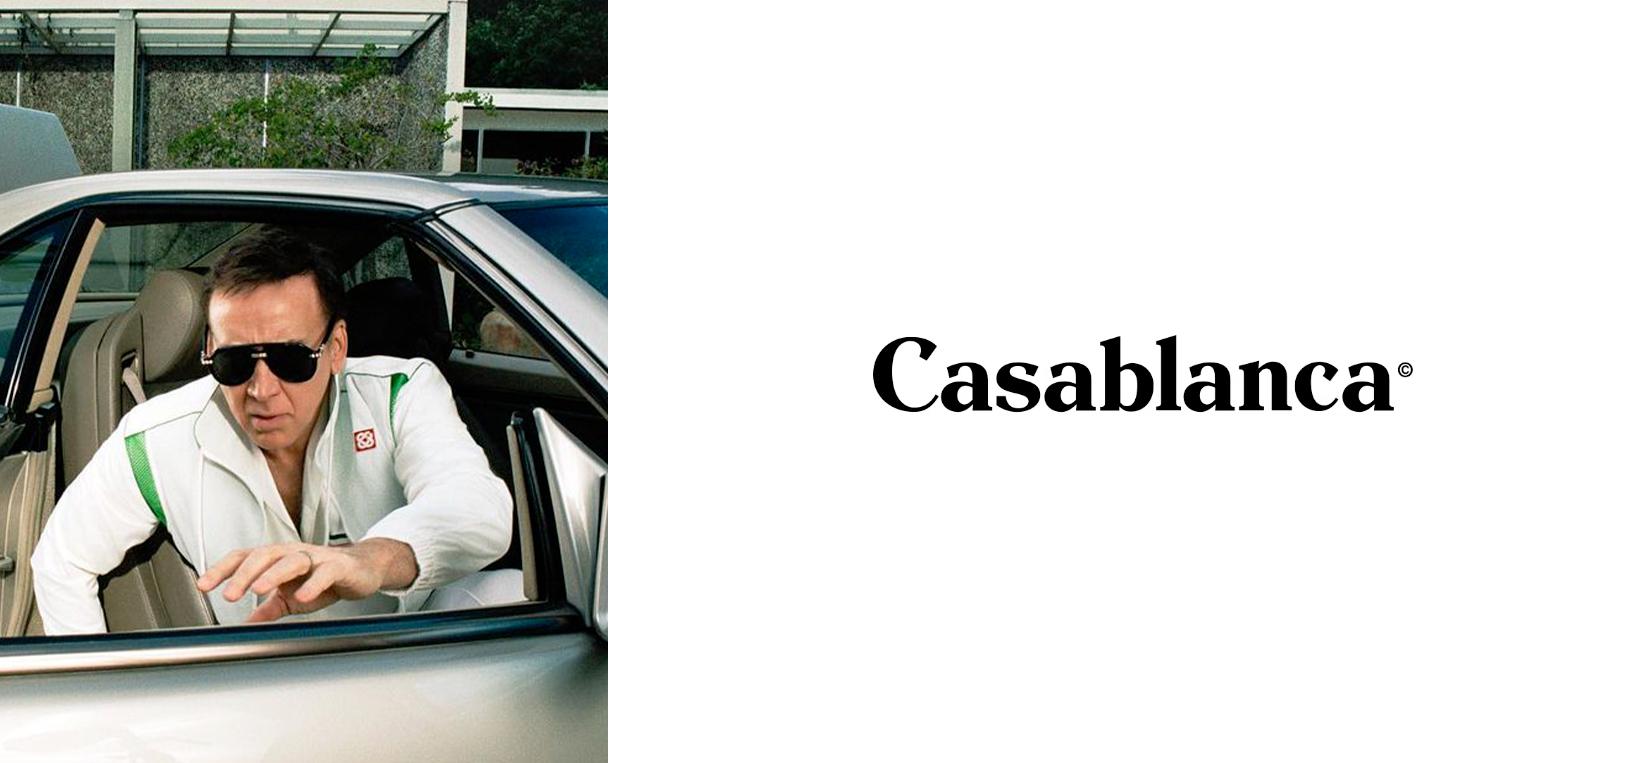 CASABLANCA - Uomo - Leam Roma